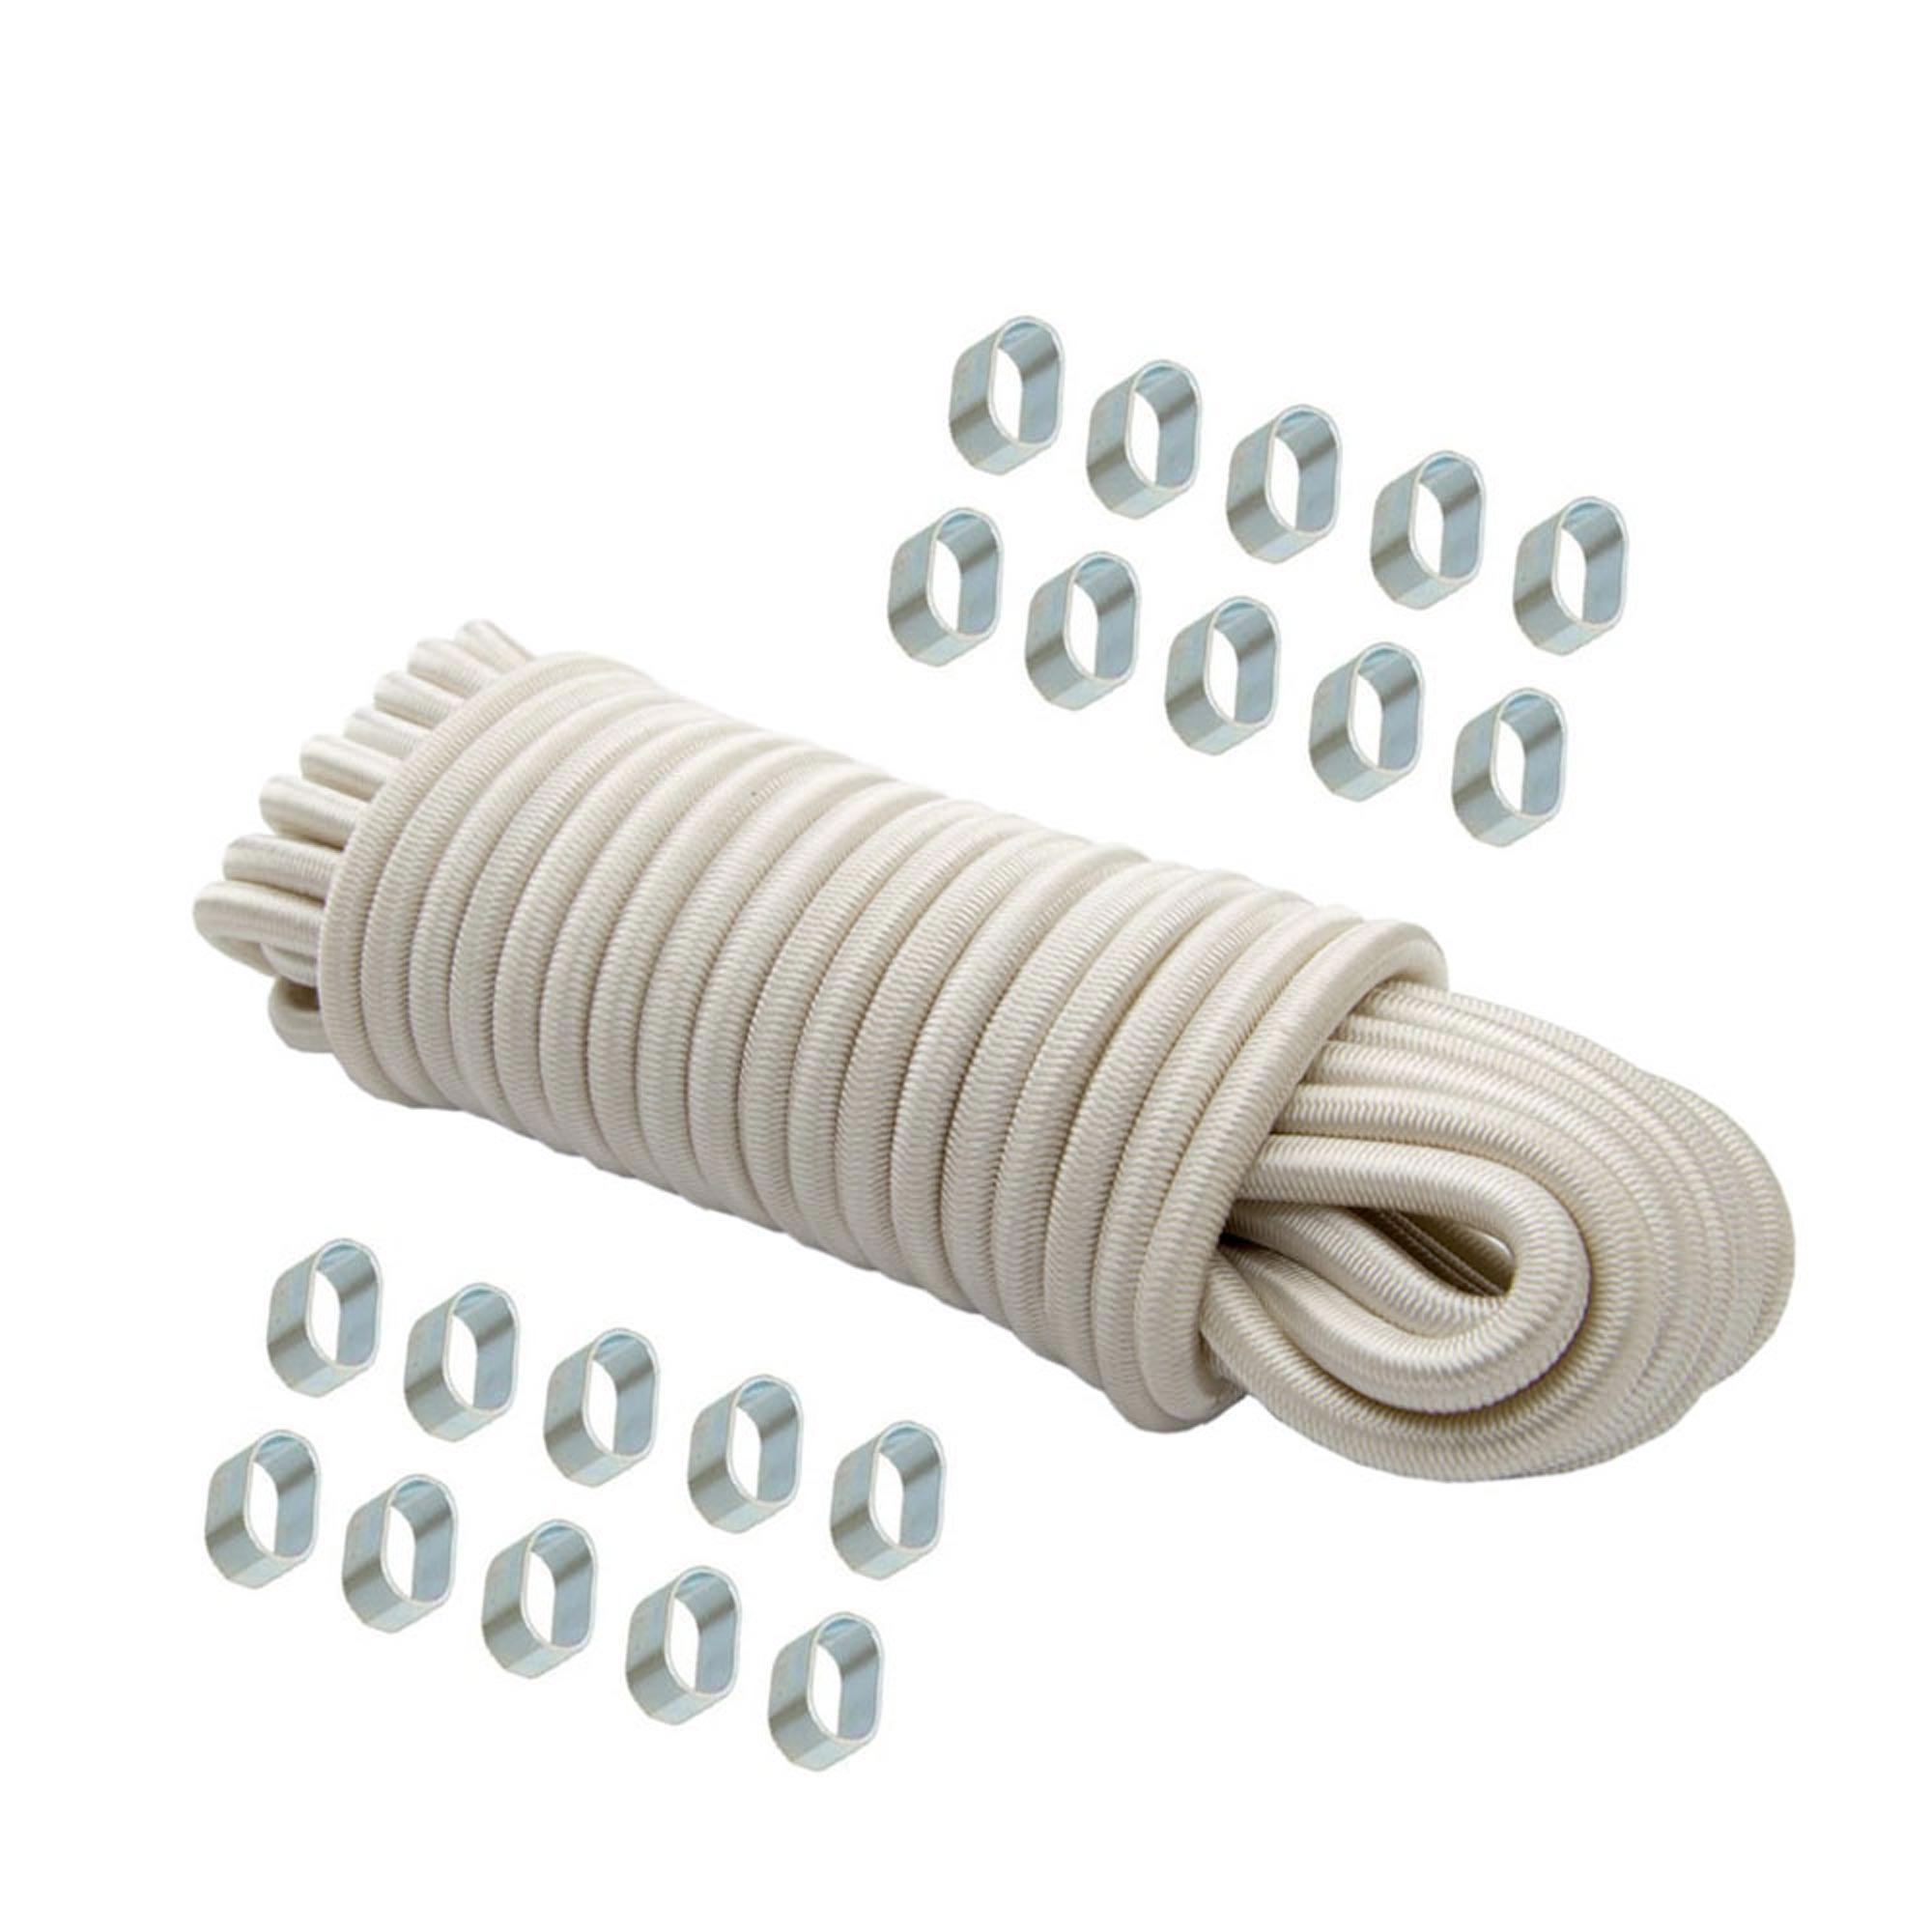 Expanderseil 20 m Weiß 10 mm Gummiseil Gummischnur Spannseil Planenseil + 20x Würgeklemmen 10mm verzinkt